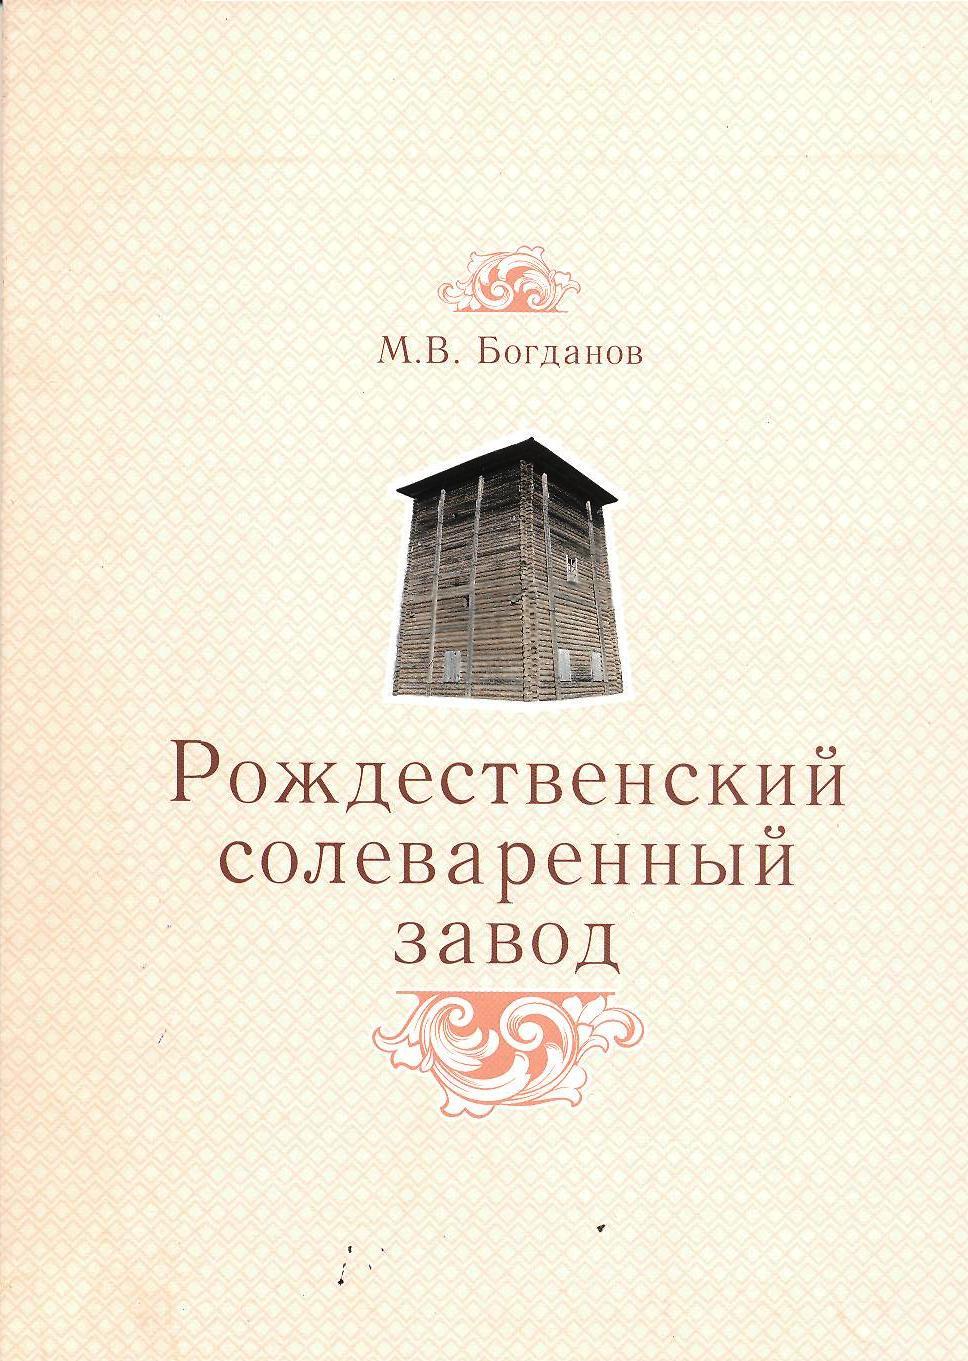 http://solbiblfil2.ucoz.ru/_ld/5/05613857.jpg